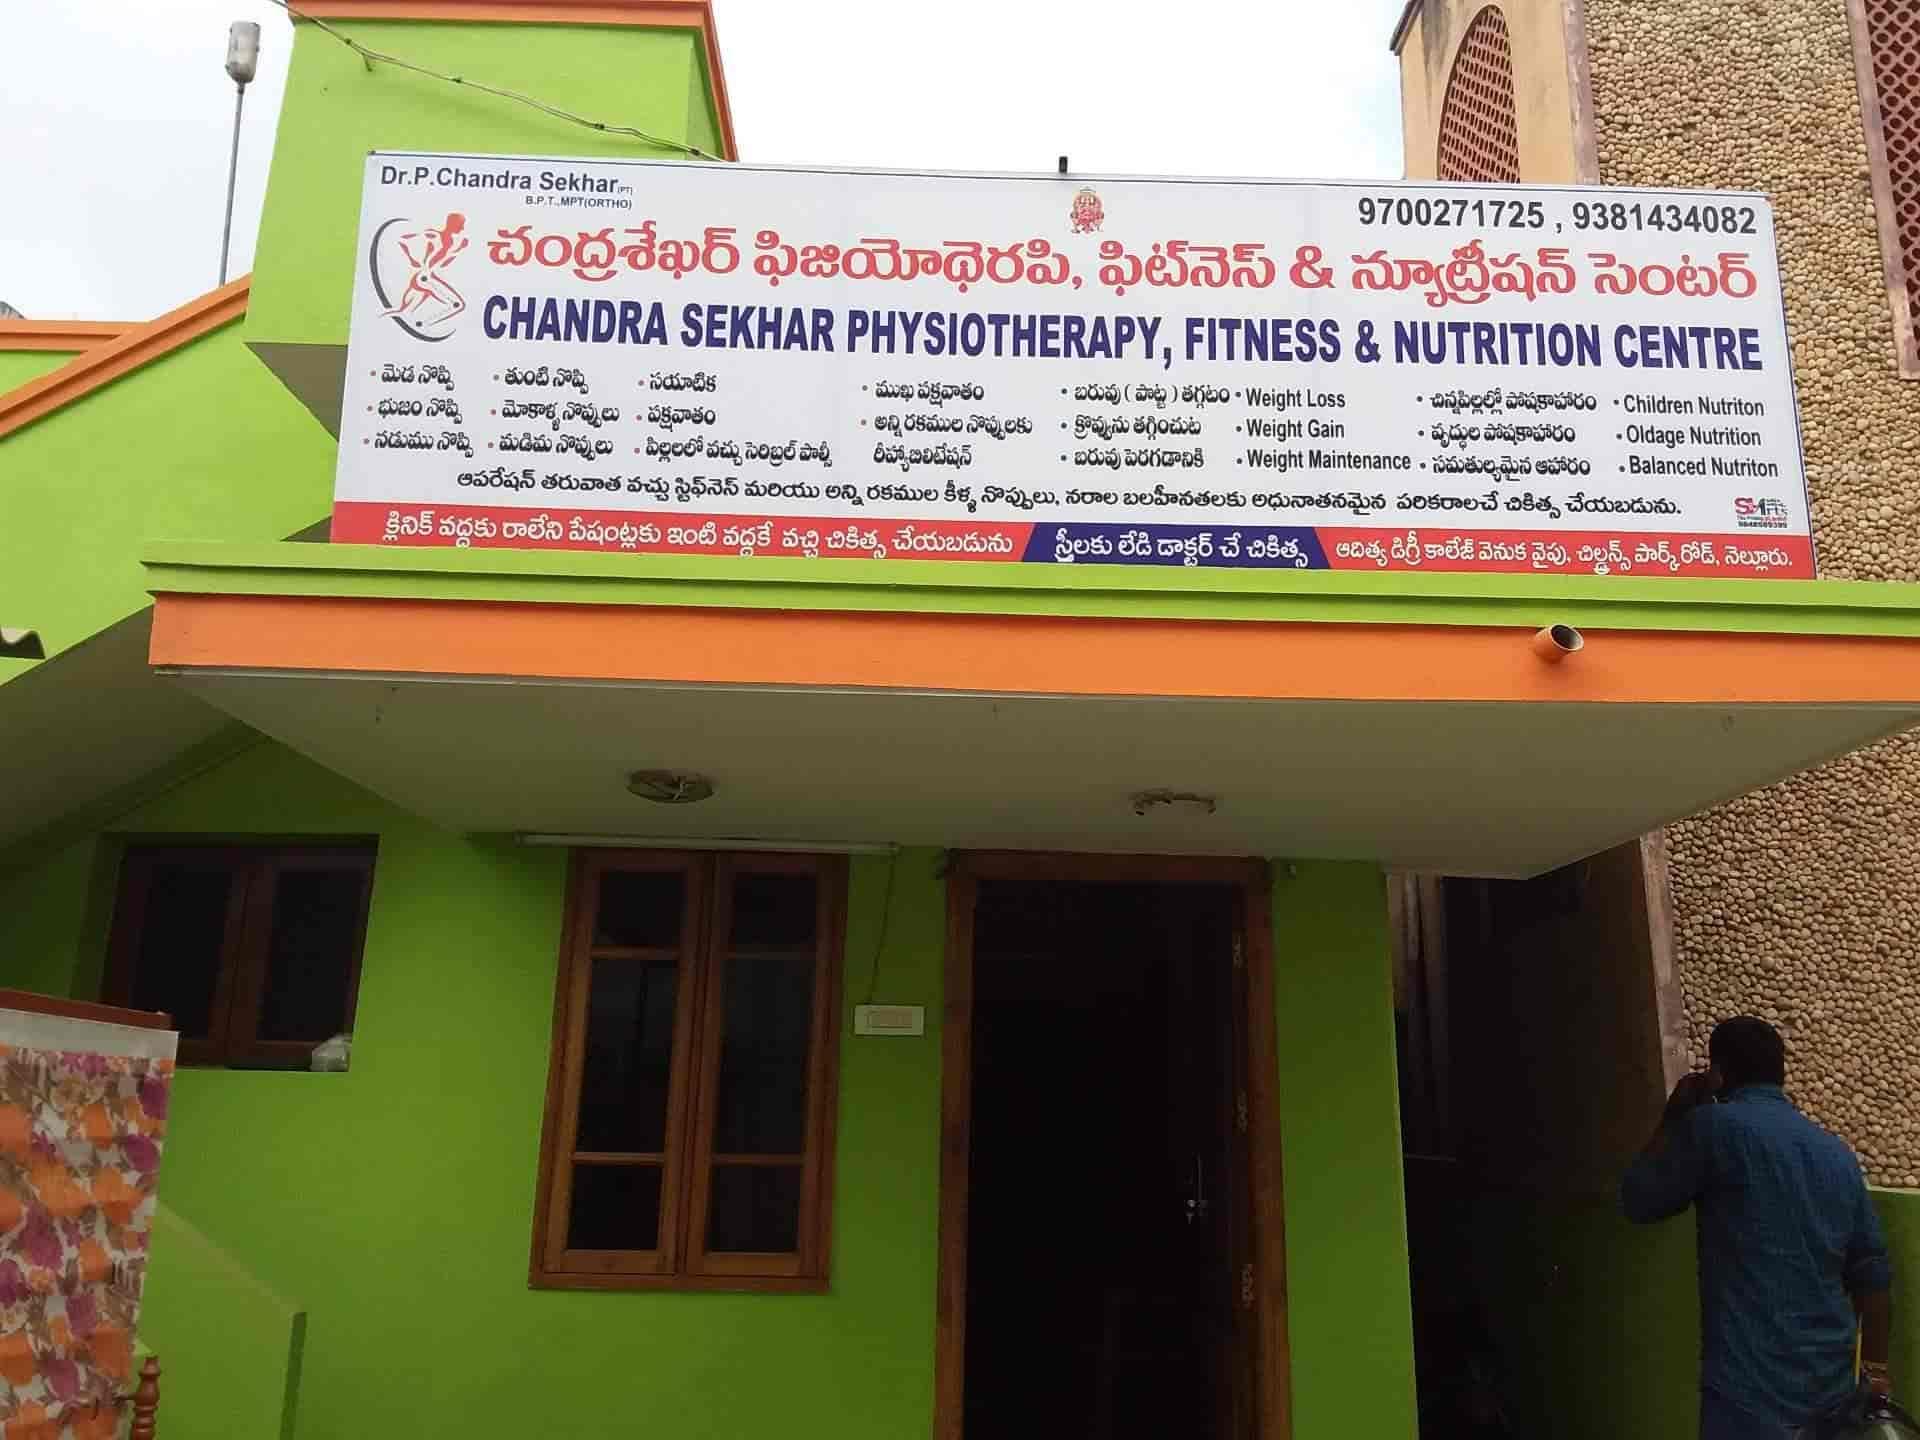 centru de pierdere în greutate în Nellore